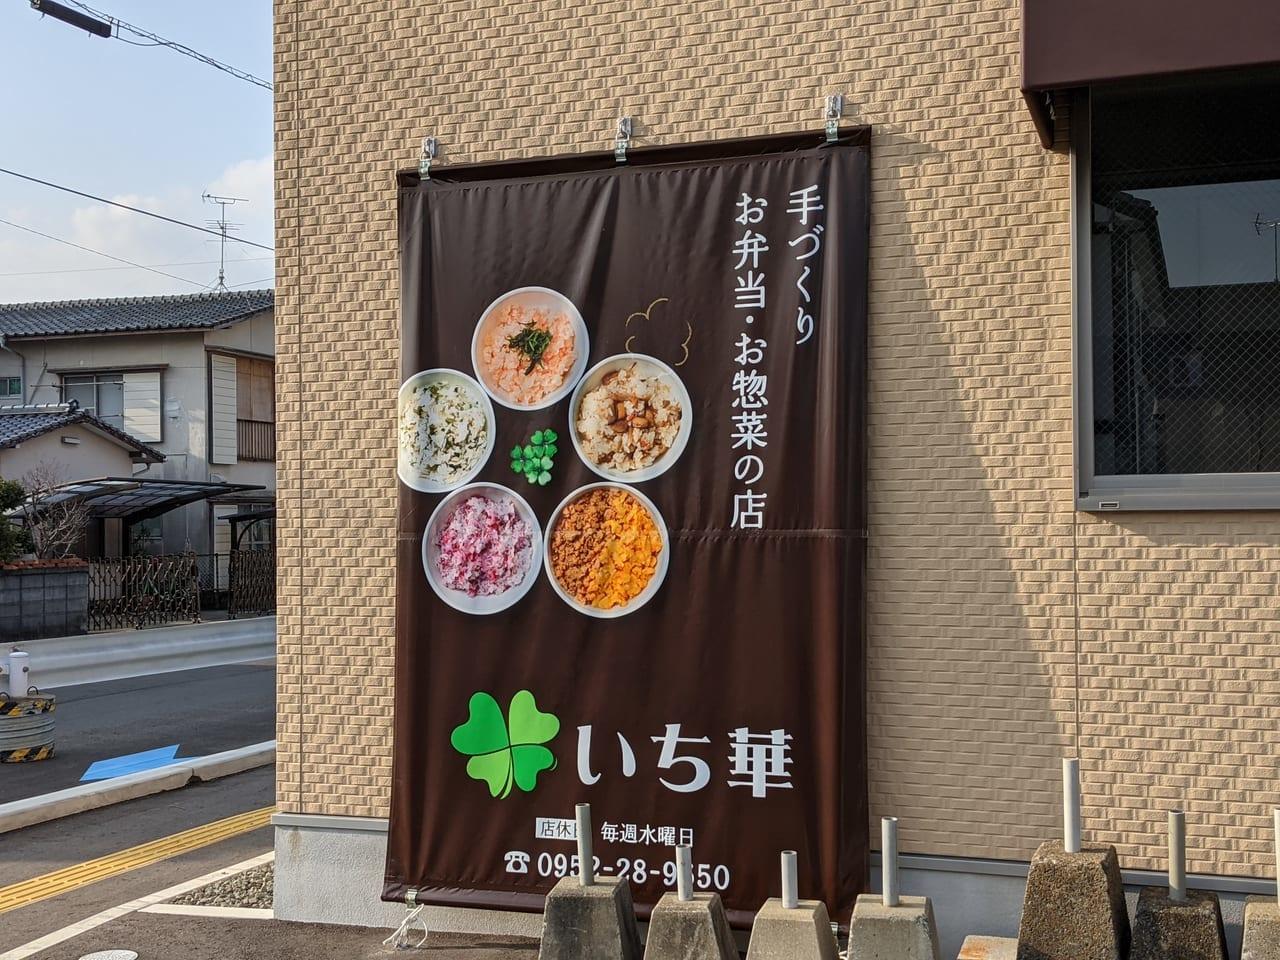 佐賀市 いち華 1